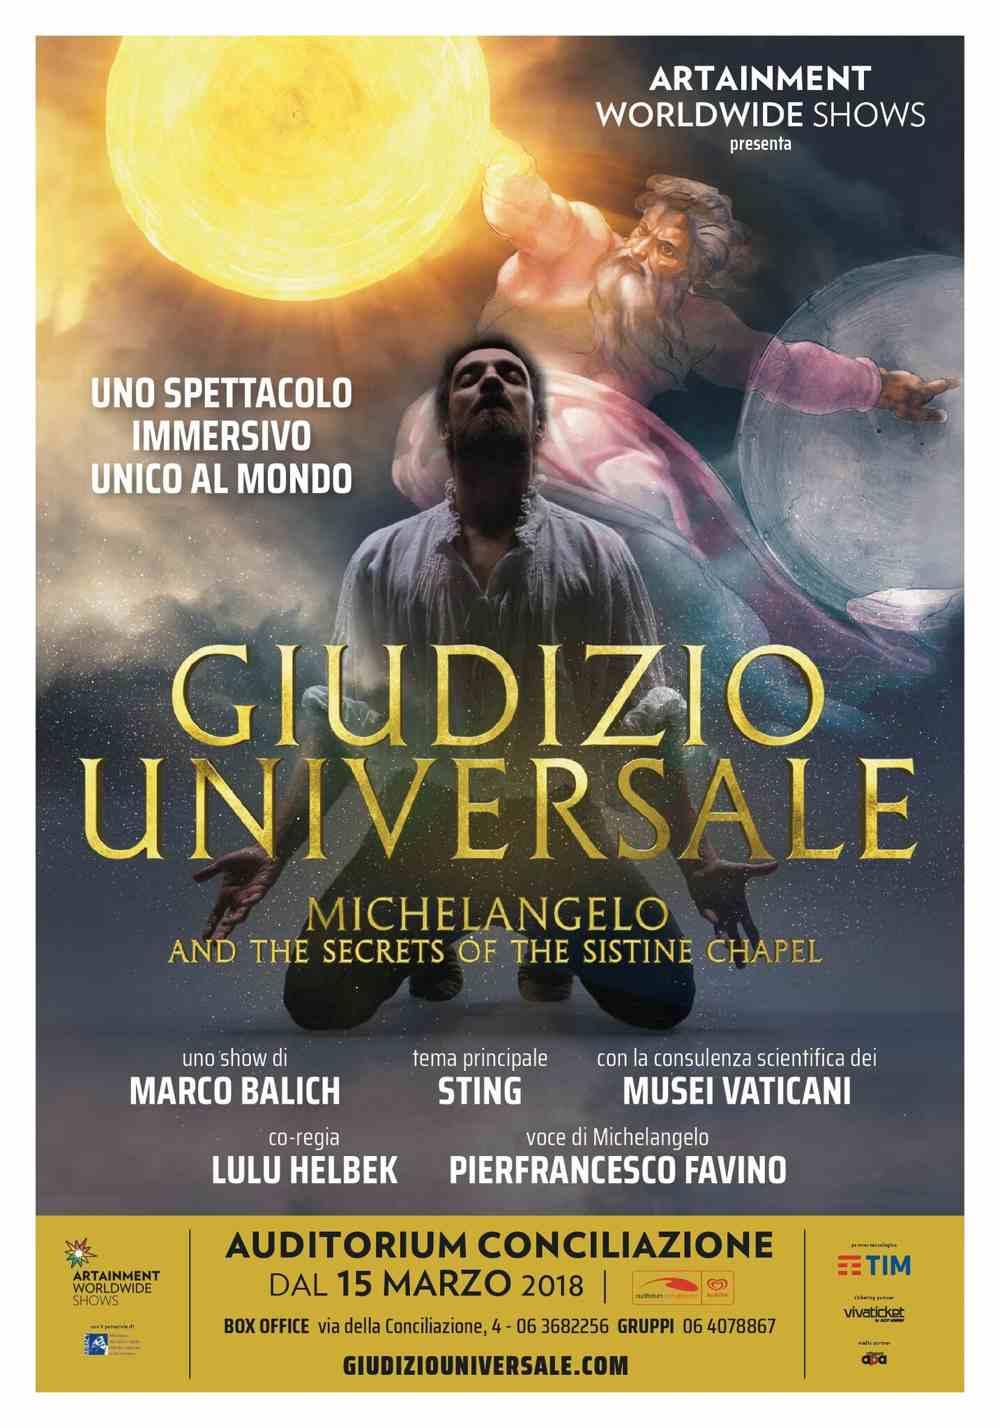 Poster Giudizio Universale. Michelangelo and the Secrets of the Sistine Chapel